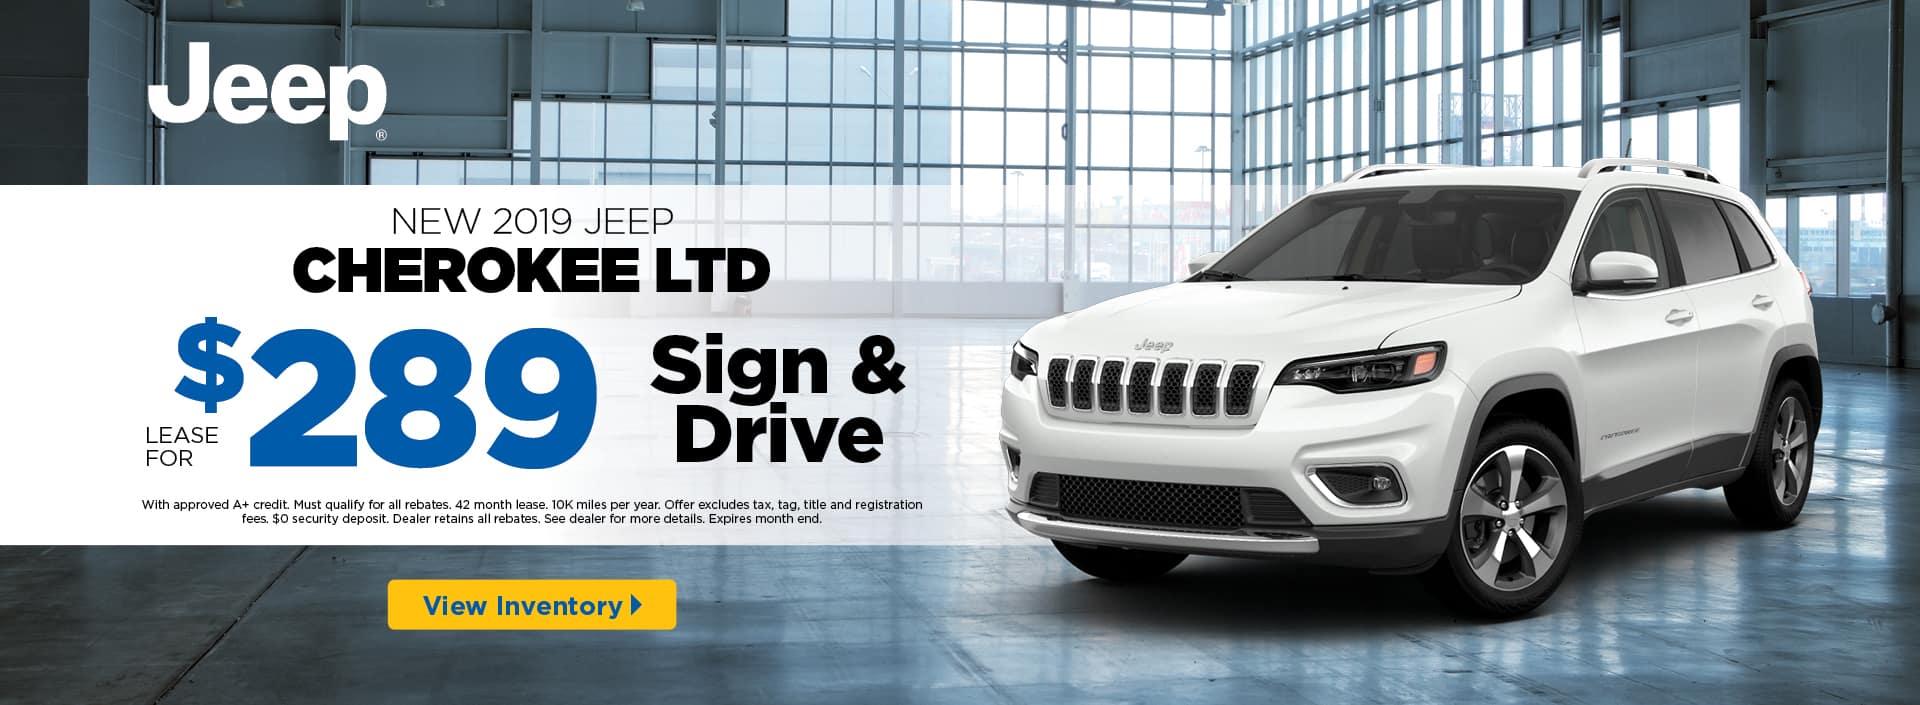 2019 Cherokee LTD banner